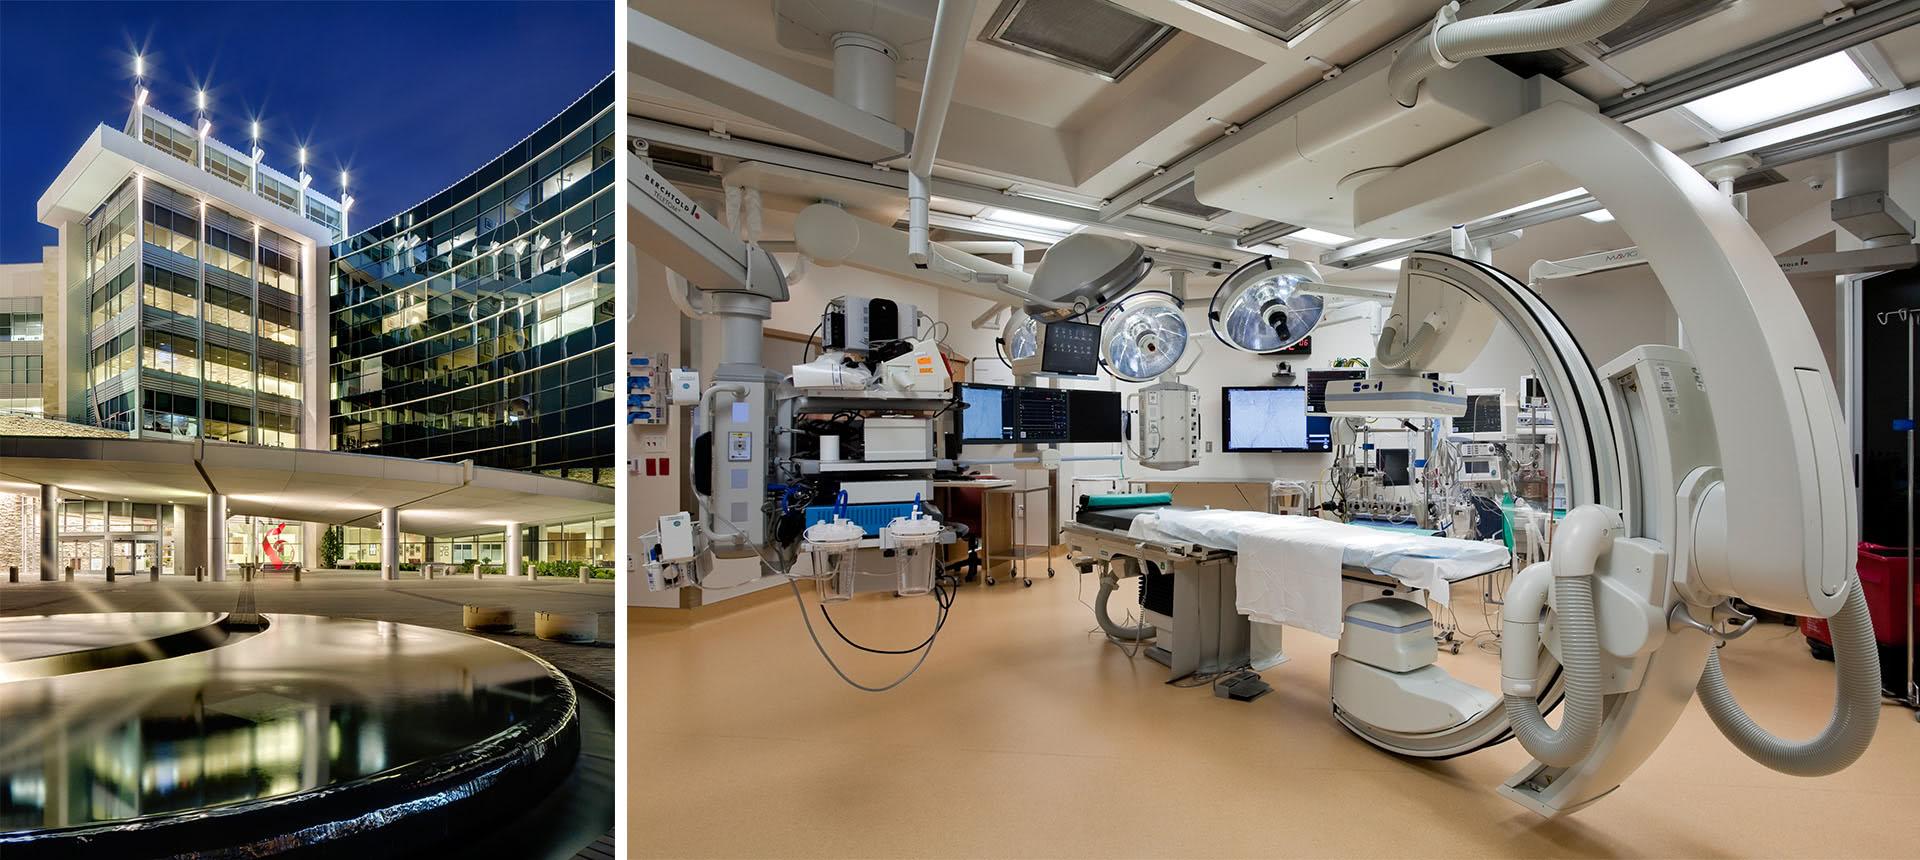 Baylor Medical Center Hotel